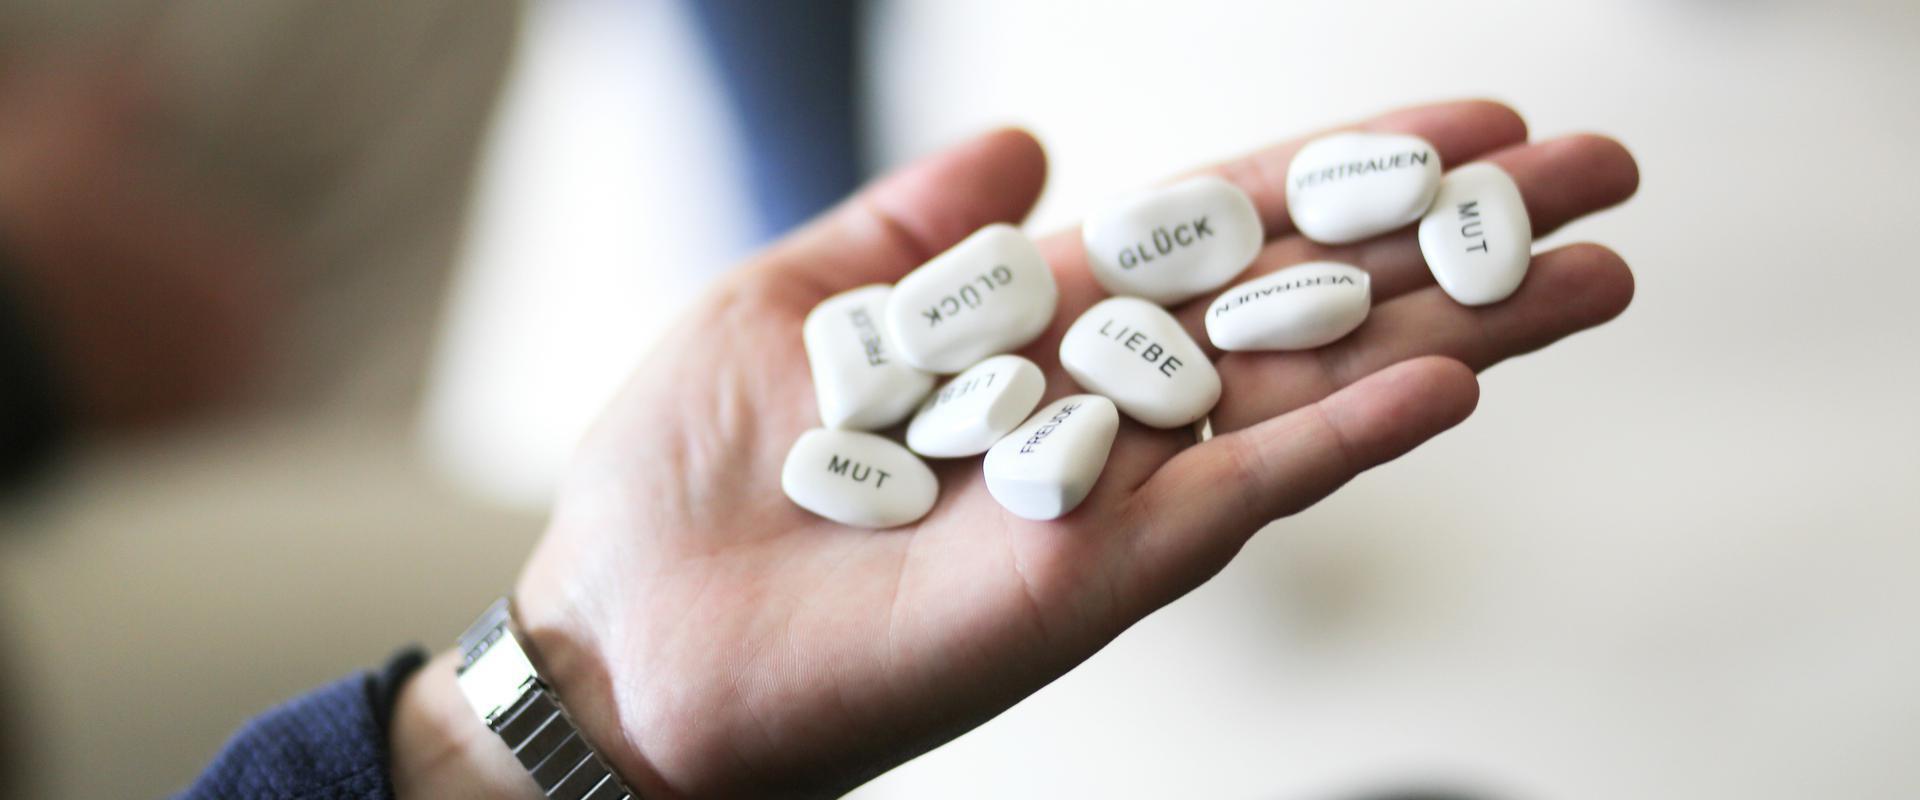 Pillen in der Hand Behandlungsgebiete in der MEDIAN Klinik